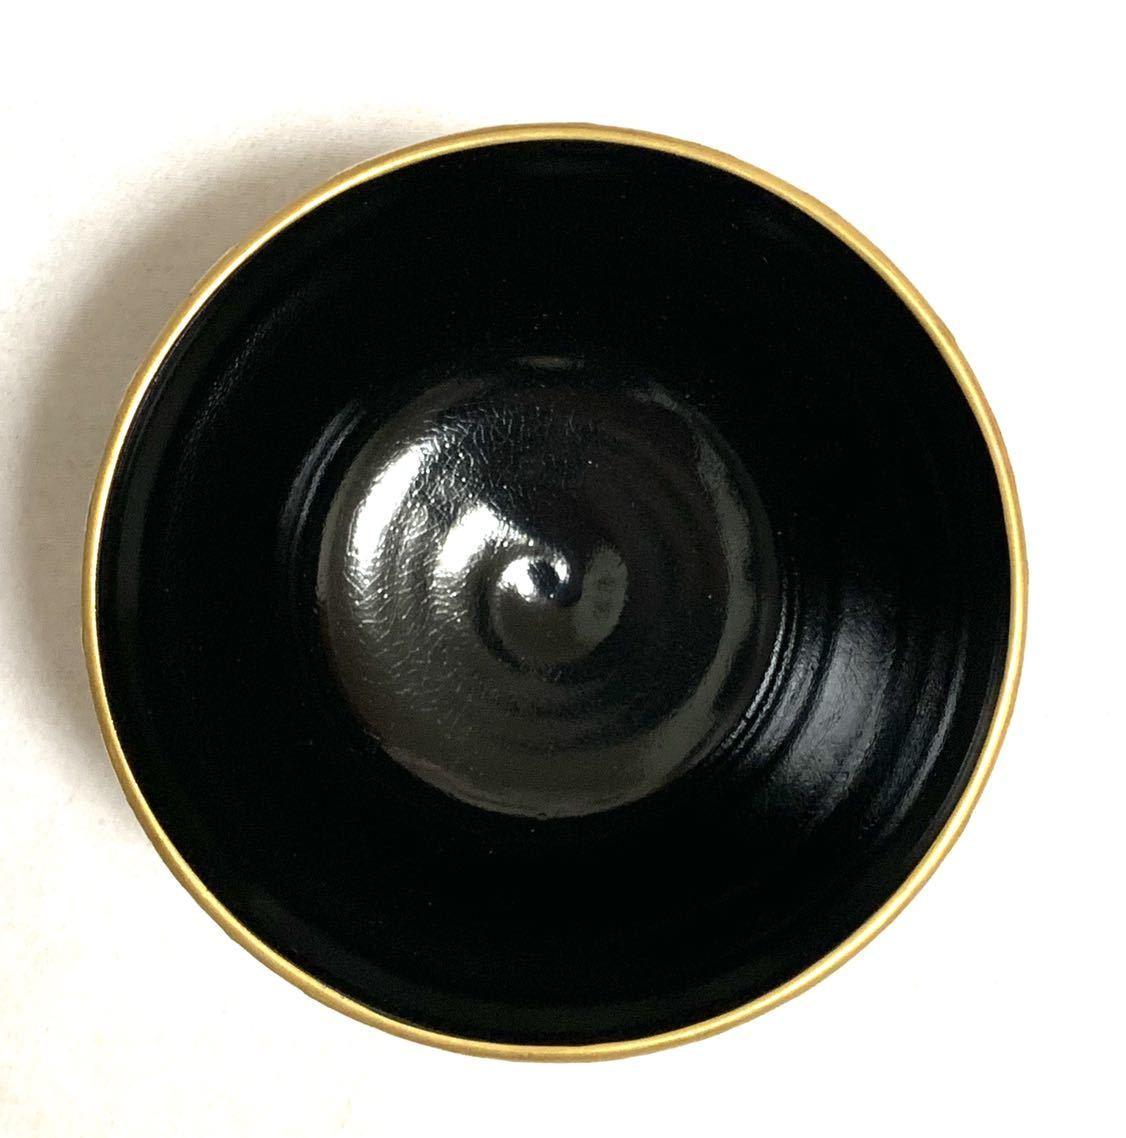 【未使用品】19 茶道具 昇 茶碗 茶道 色絵 お茶 道具 陶器 焼物 京焼 茶器 抹茶碗 骨董 伝統 工芸 作家 陶芸 在銘 華やか 器_画像6